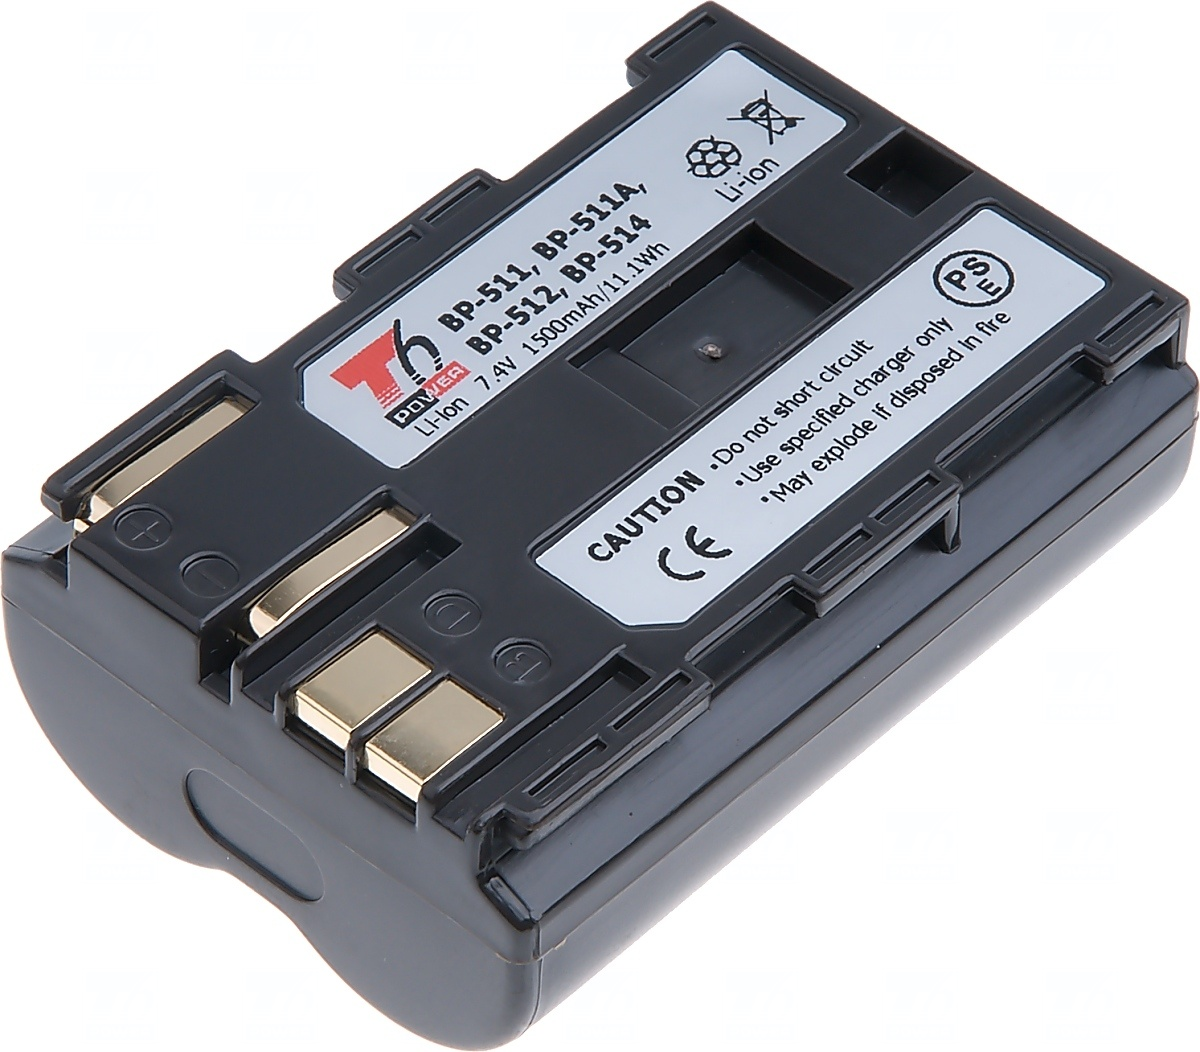 Baterie T6 power Canon BP-508, BP-511, BP-511A, BP-512, BP-514, 1500mAh, hnědá